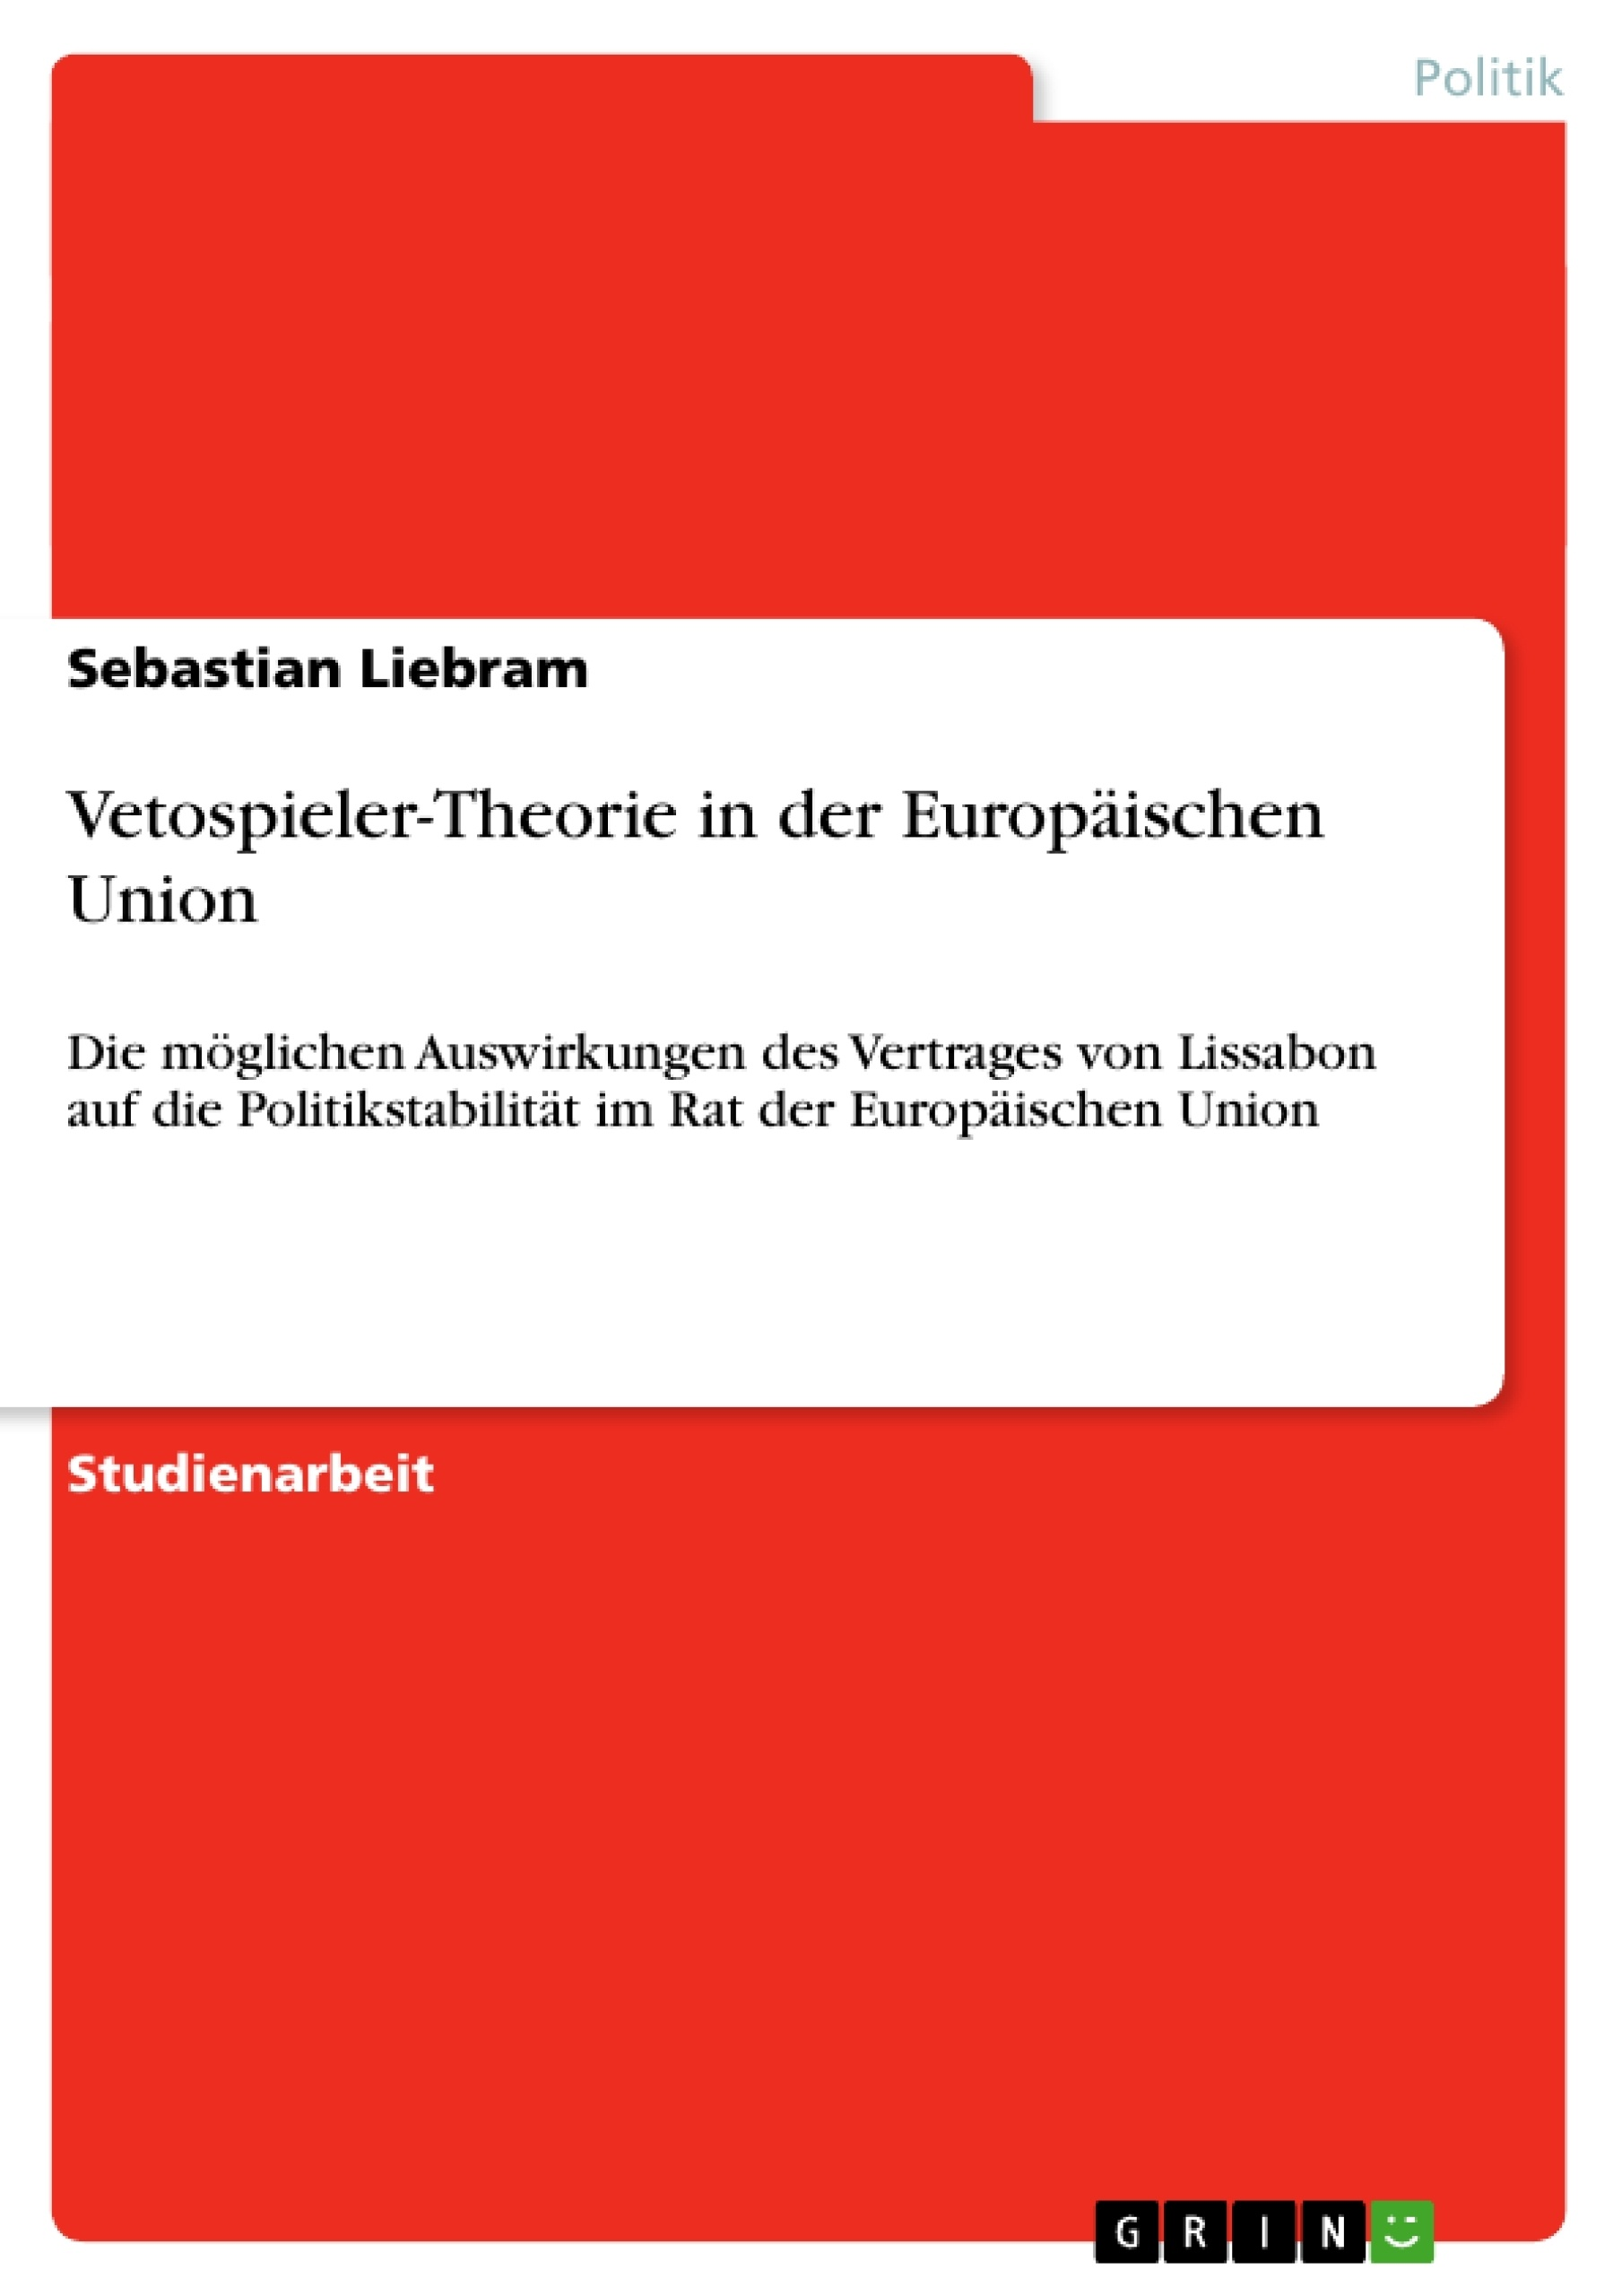 Titel: Vetospieler-Theorie in der Europäischen Union